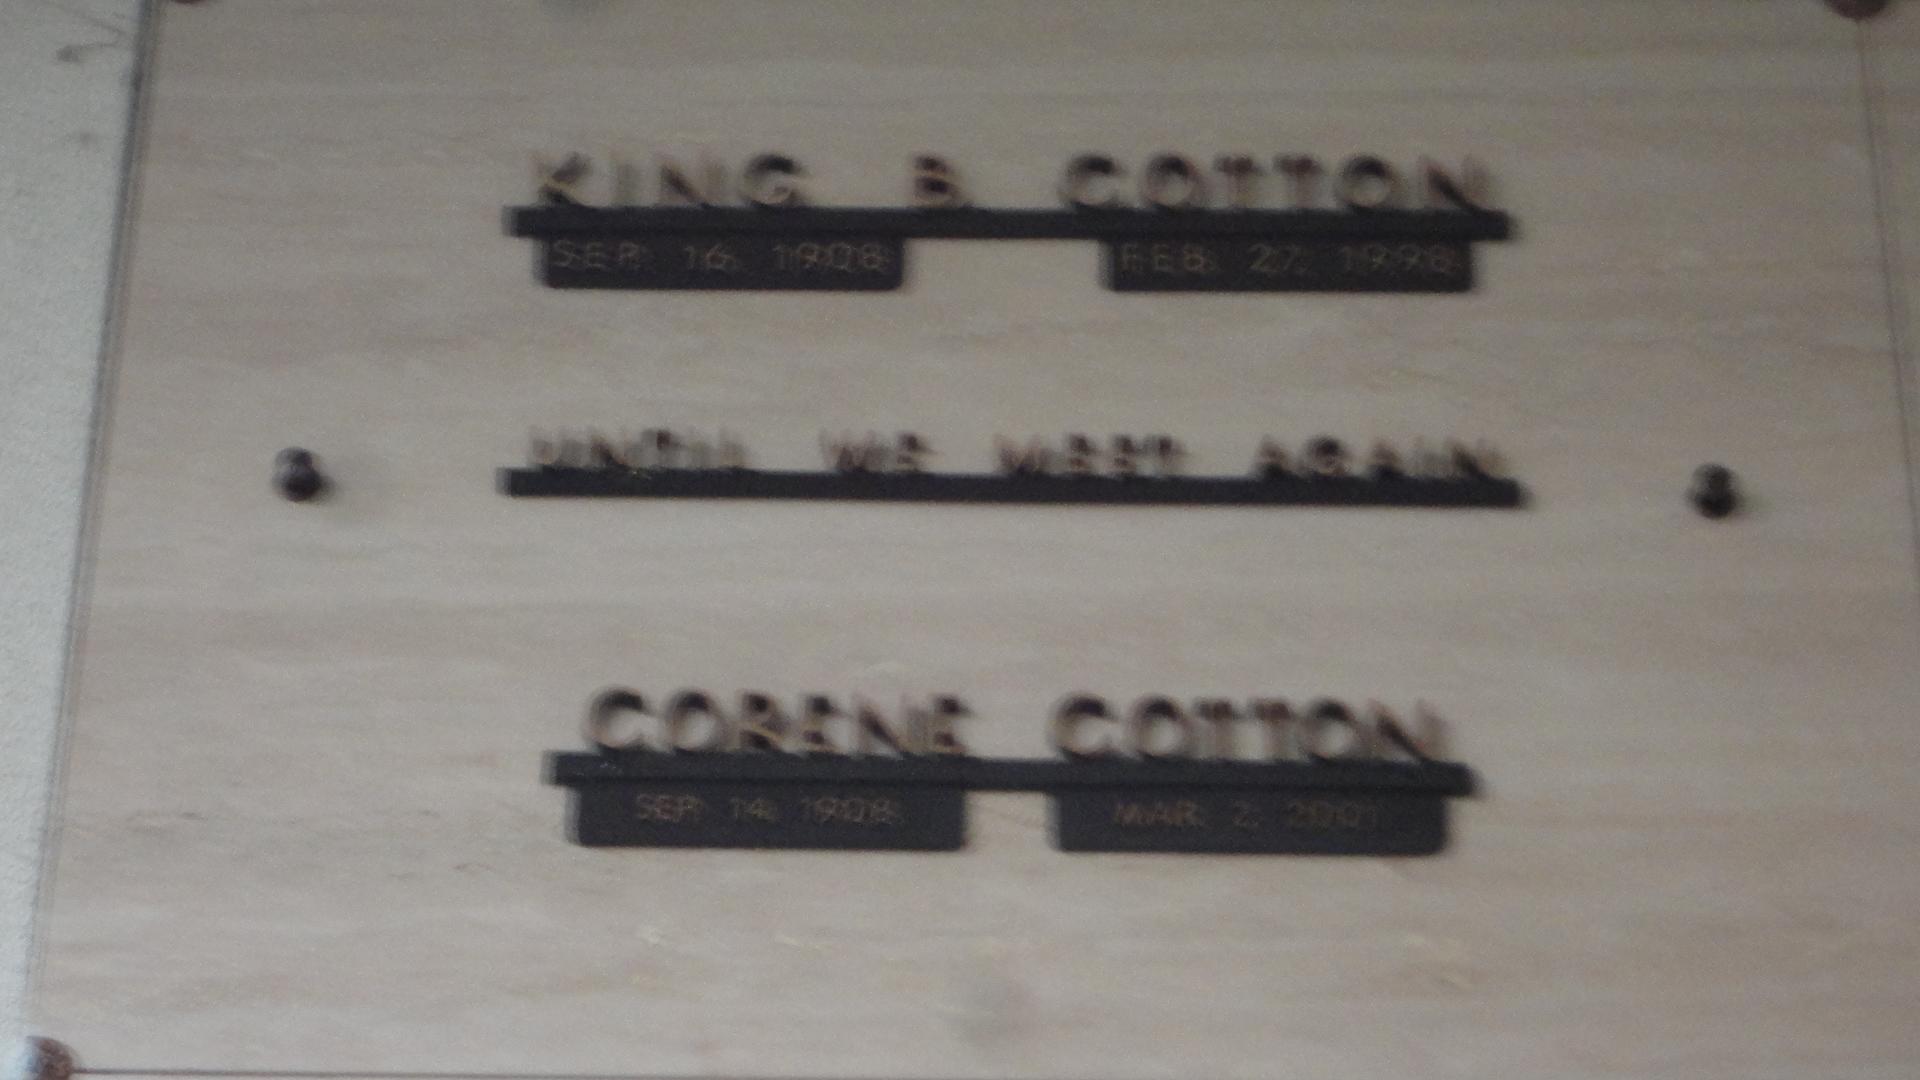 King Bradley Cotton